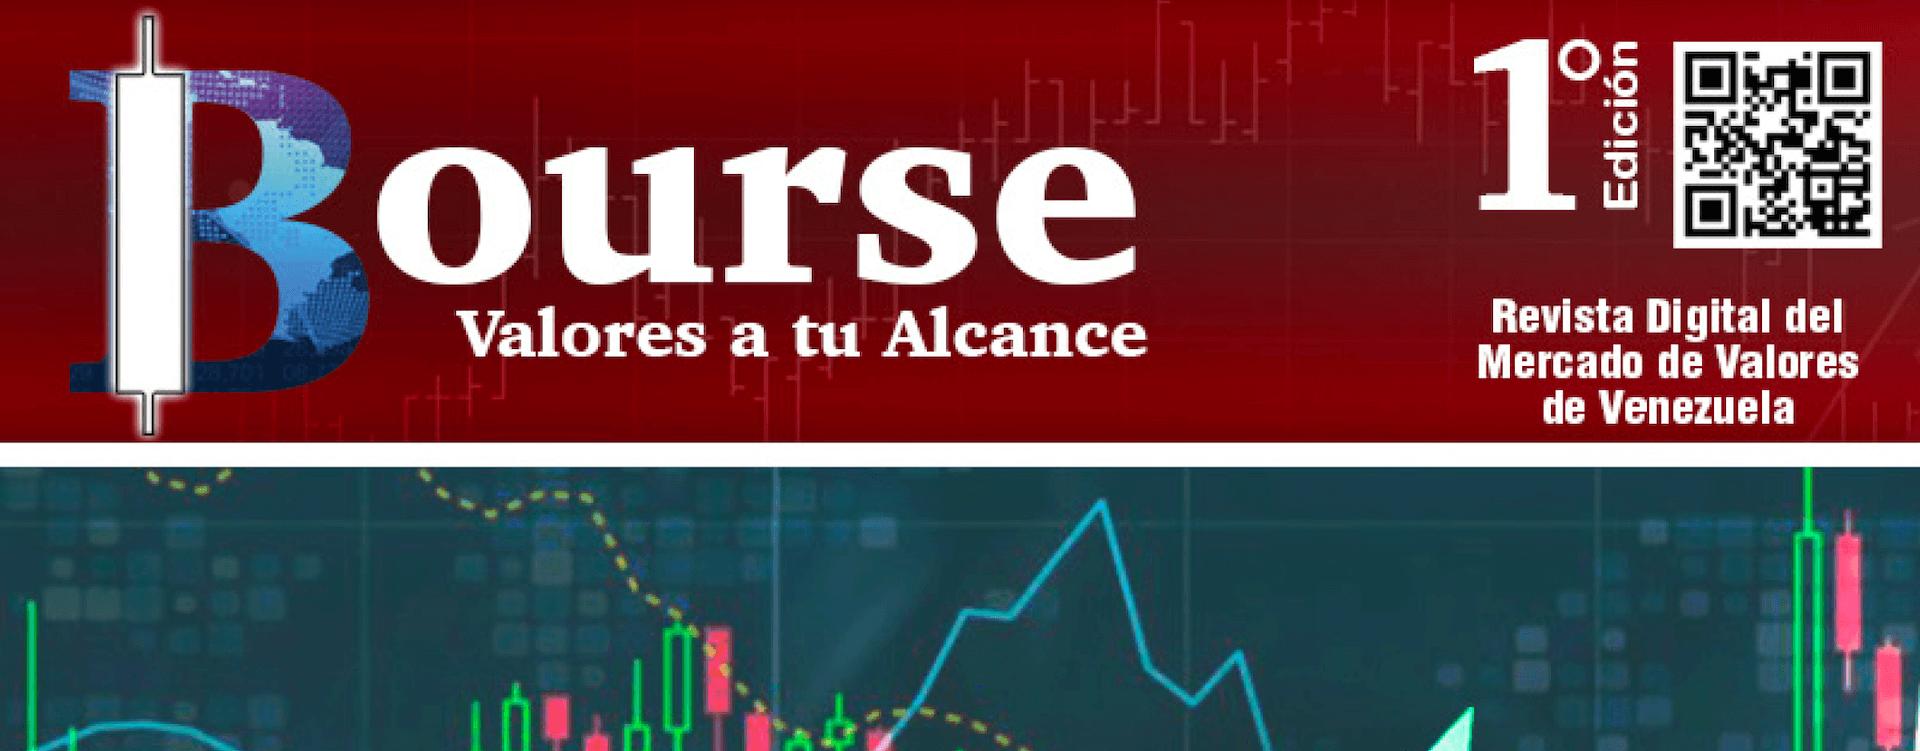 Revista Bourse 1ra Edición